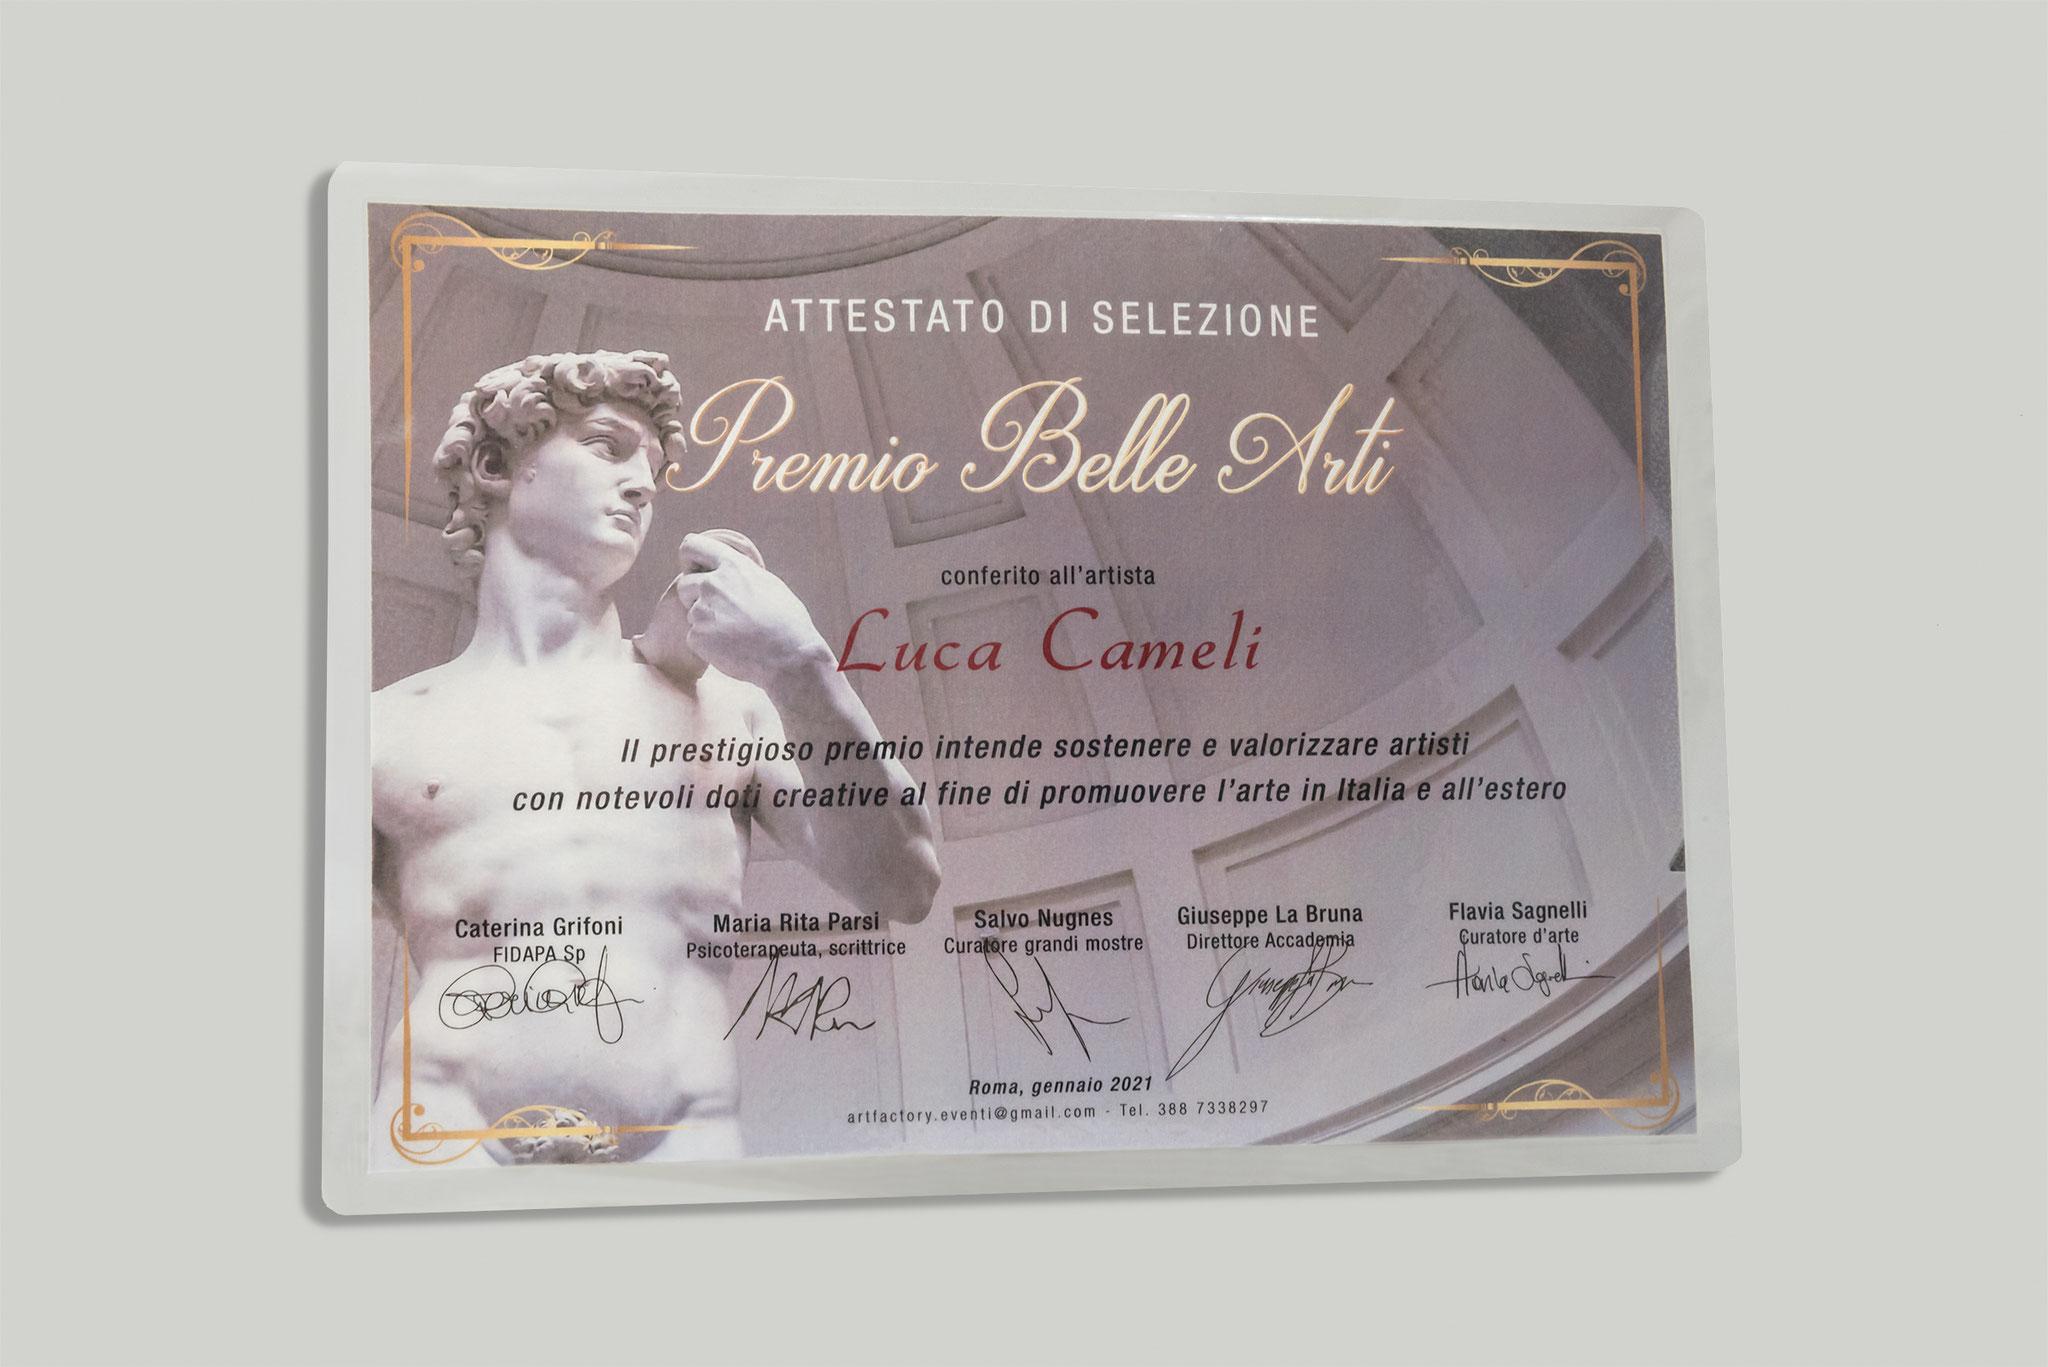 """Attestato di selezione al """"Premio Belle Arti"""" a Luca Cameli conferito dall'Associazione Spoleto Arte di Bassano del Grappa."""